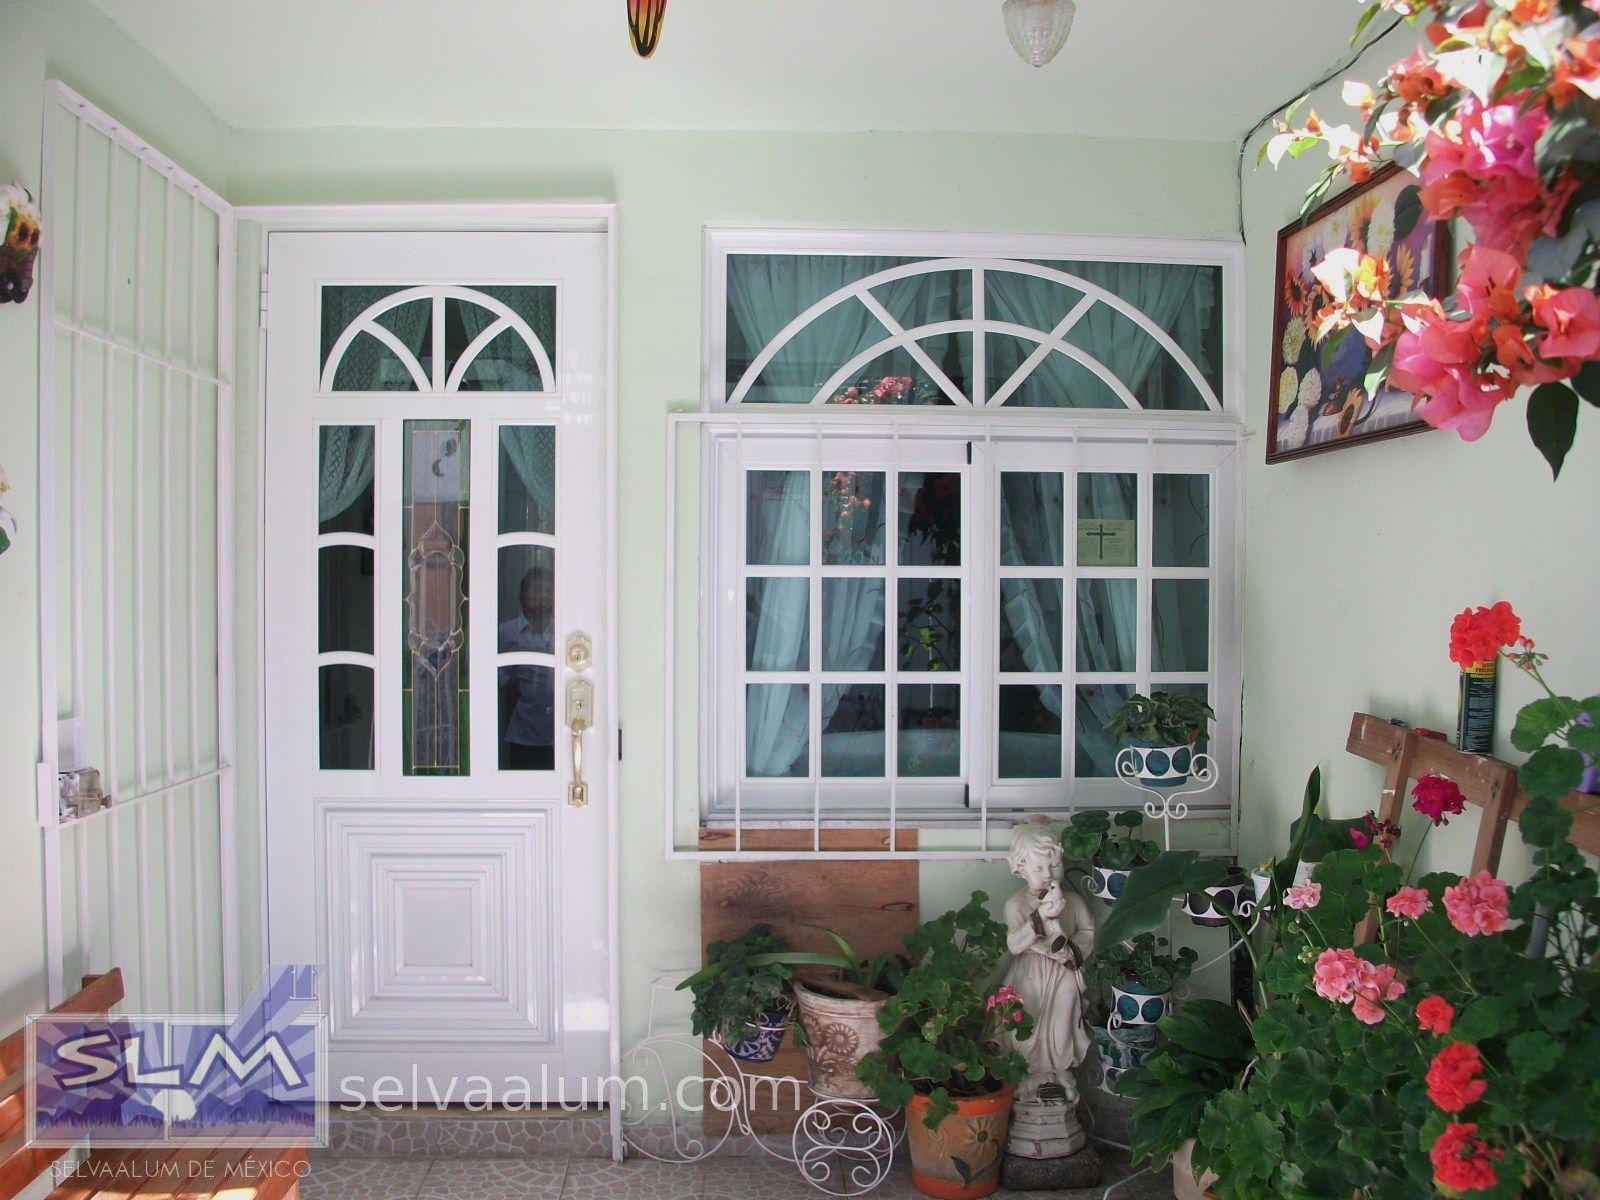 Selvaalum puertas y ventanas de aluminio linea espa ola - Modelo de puertas de aluminio ...